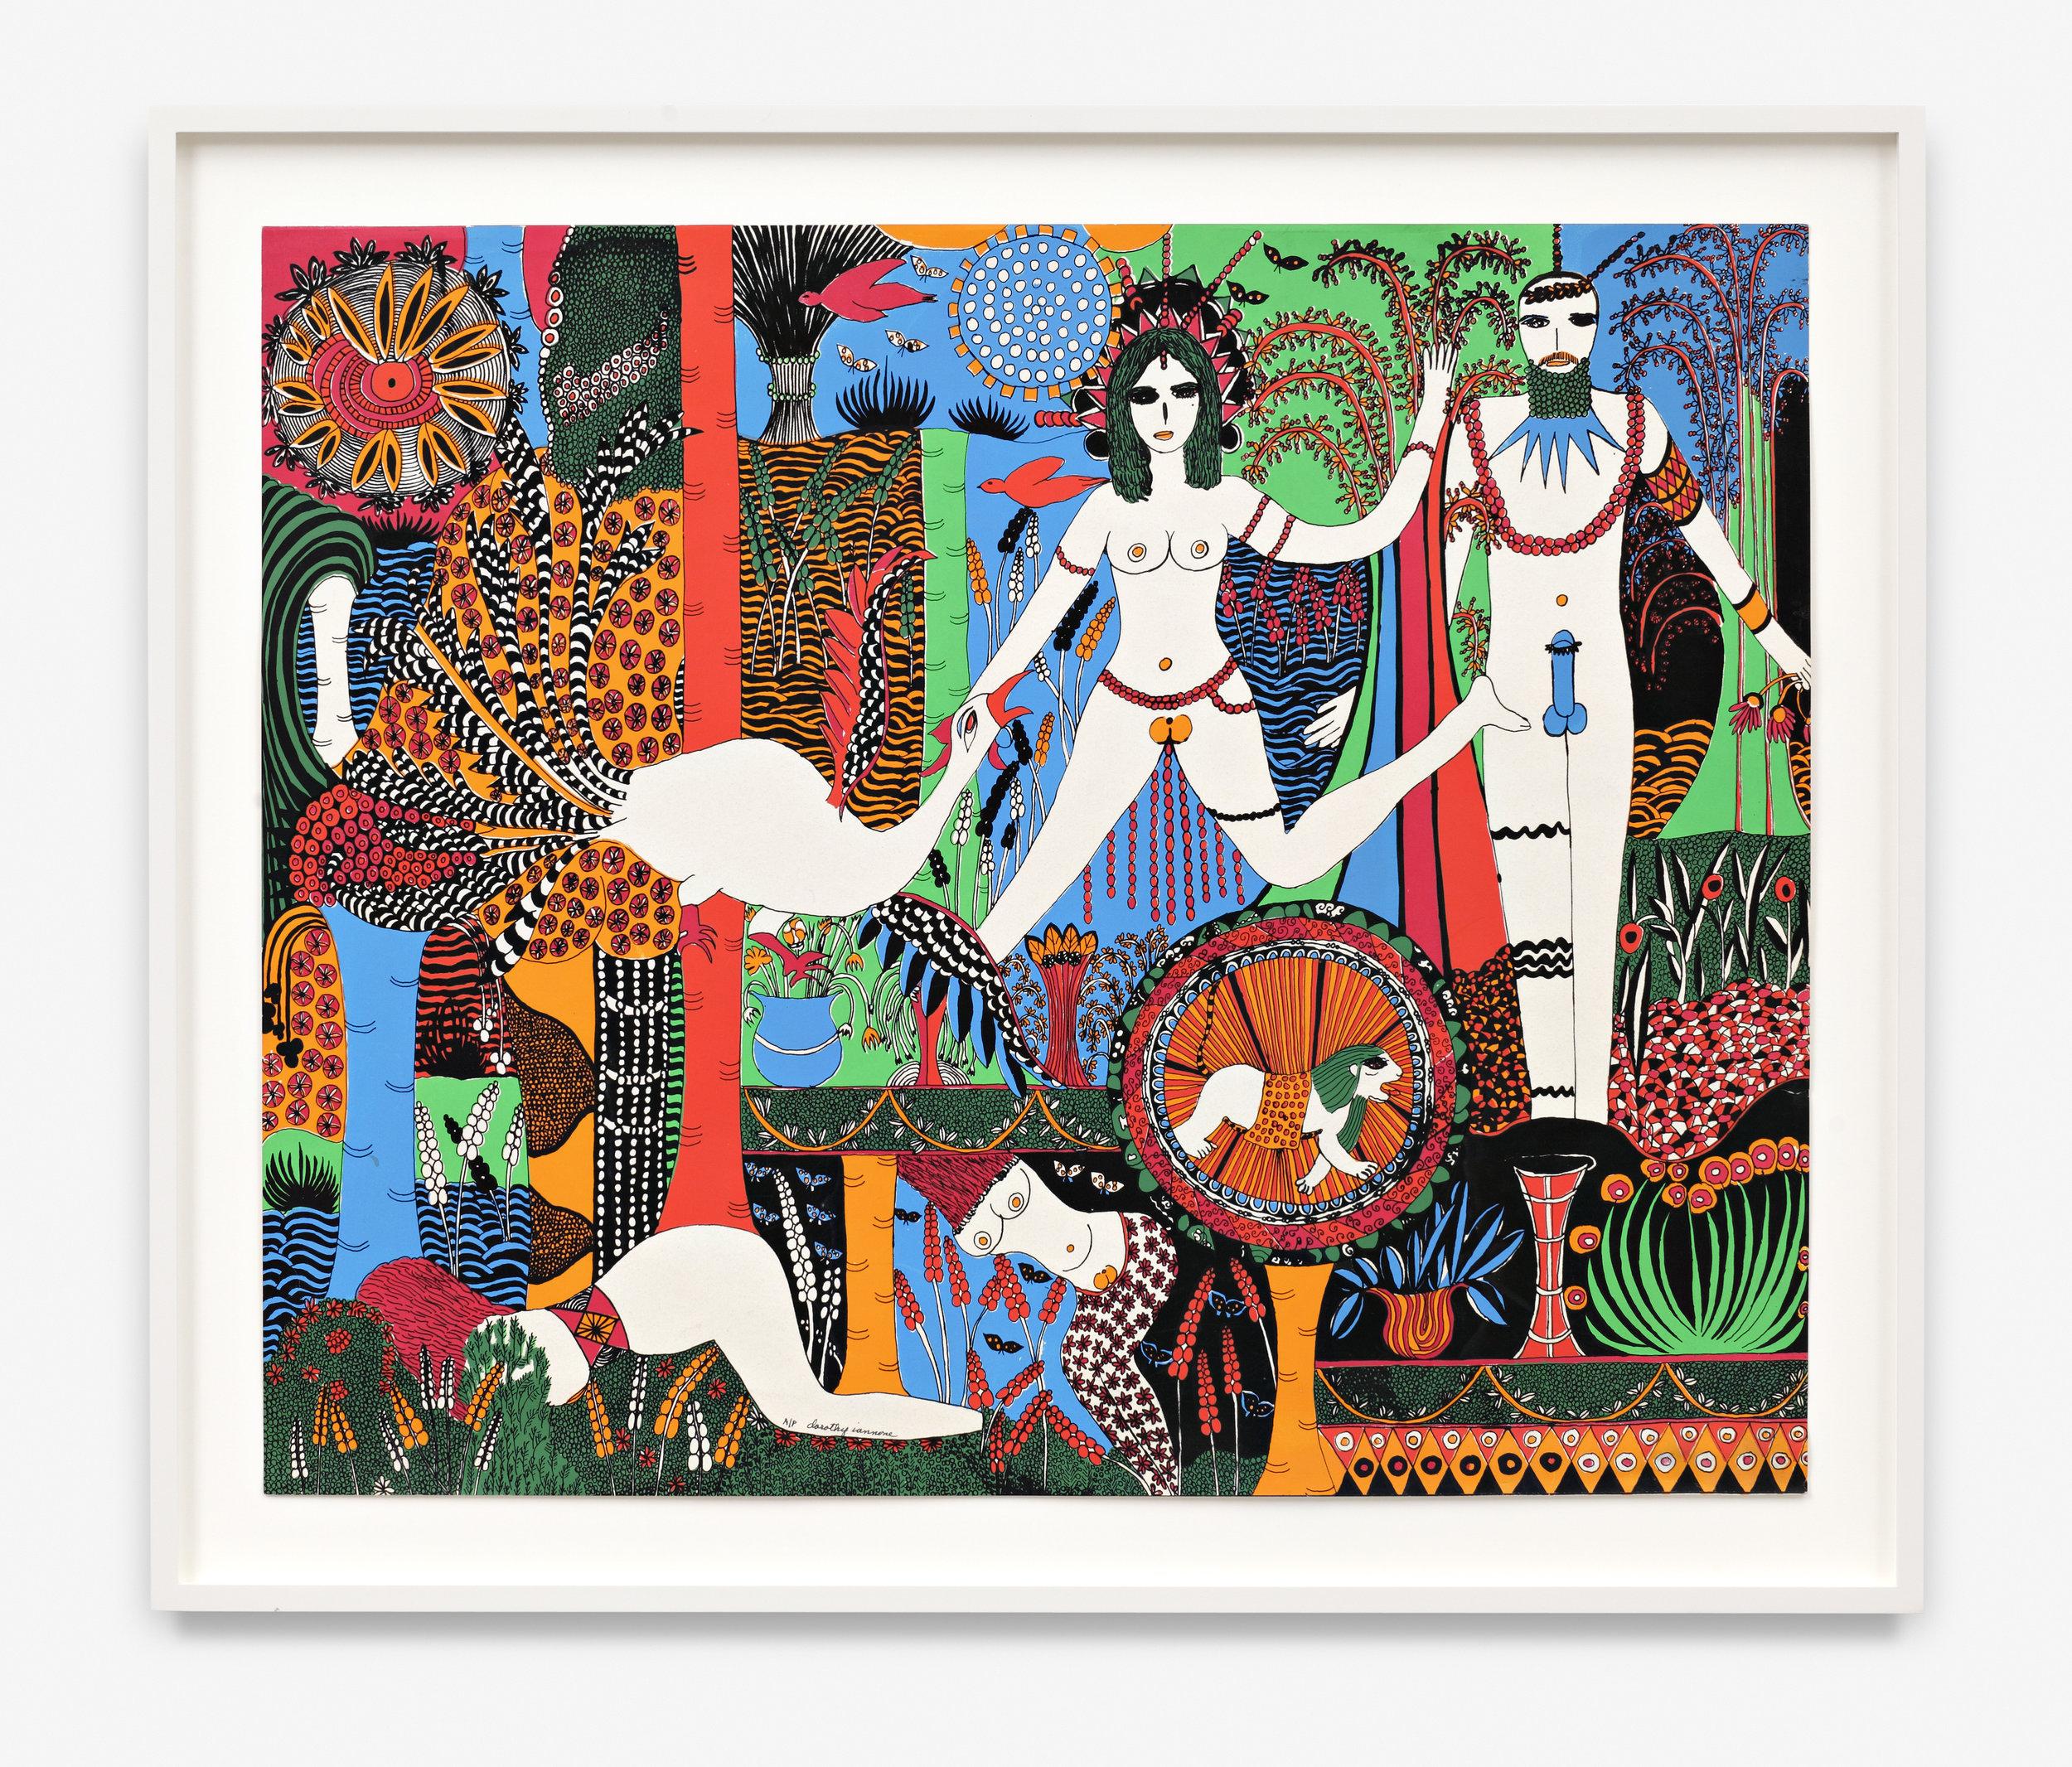 DOROTHY IANNONE  (1933)  Flora and Fauna , 1973, serigrafía a color sobre papel, 59,5 x 72,5, cortesía Peres Projects, Berlín.